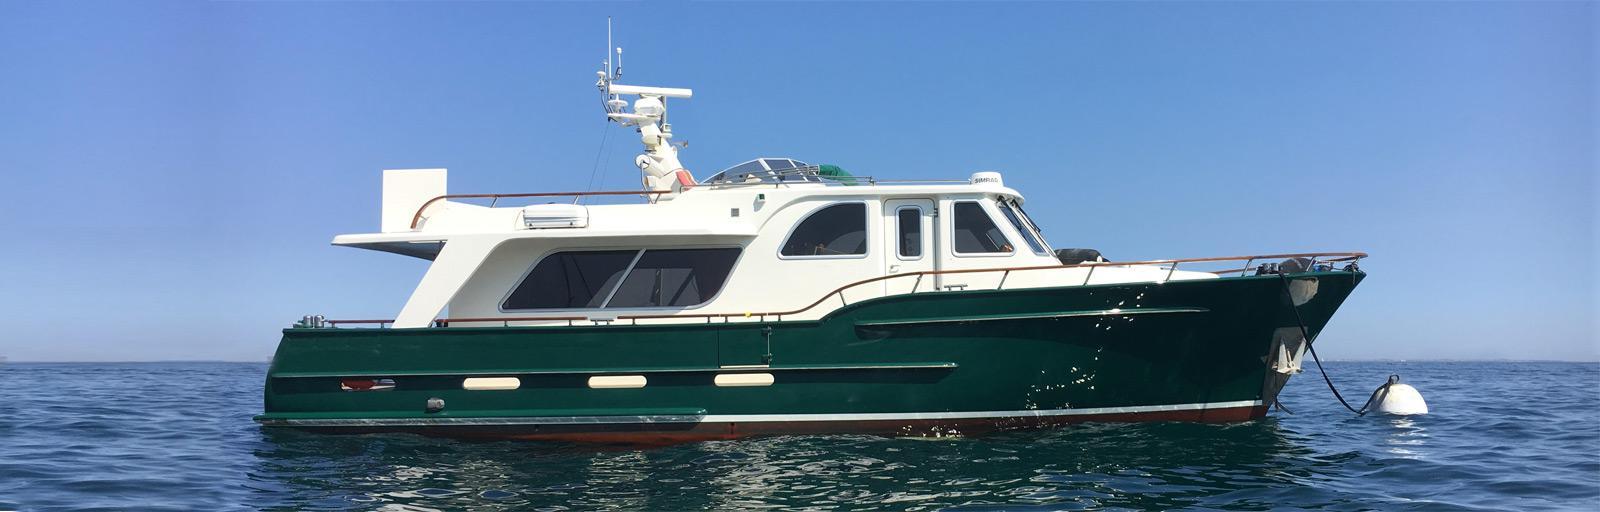 Searocco 1500 Trawler